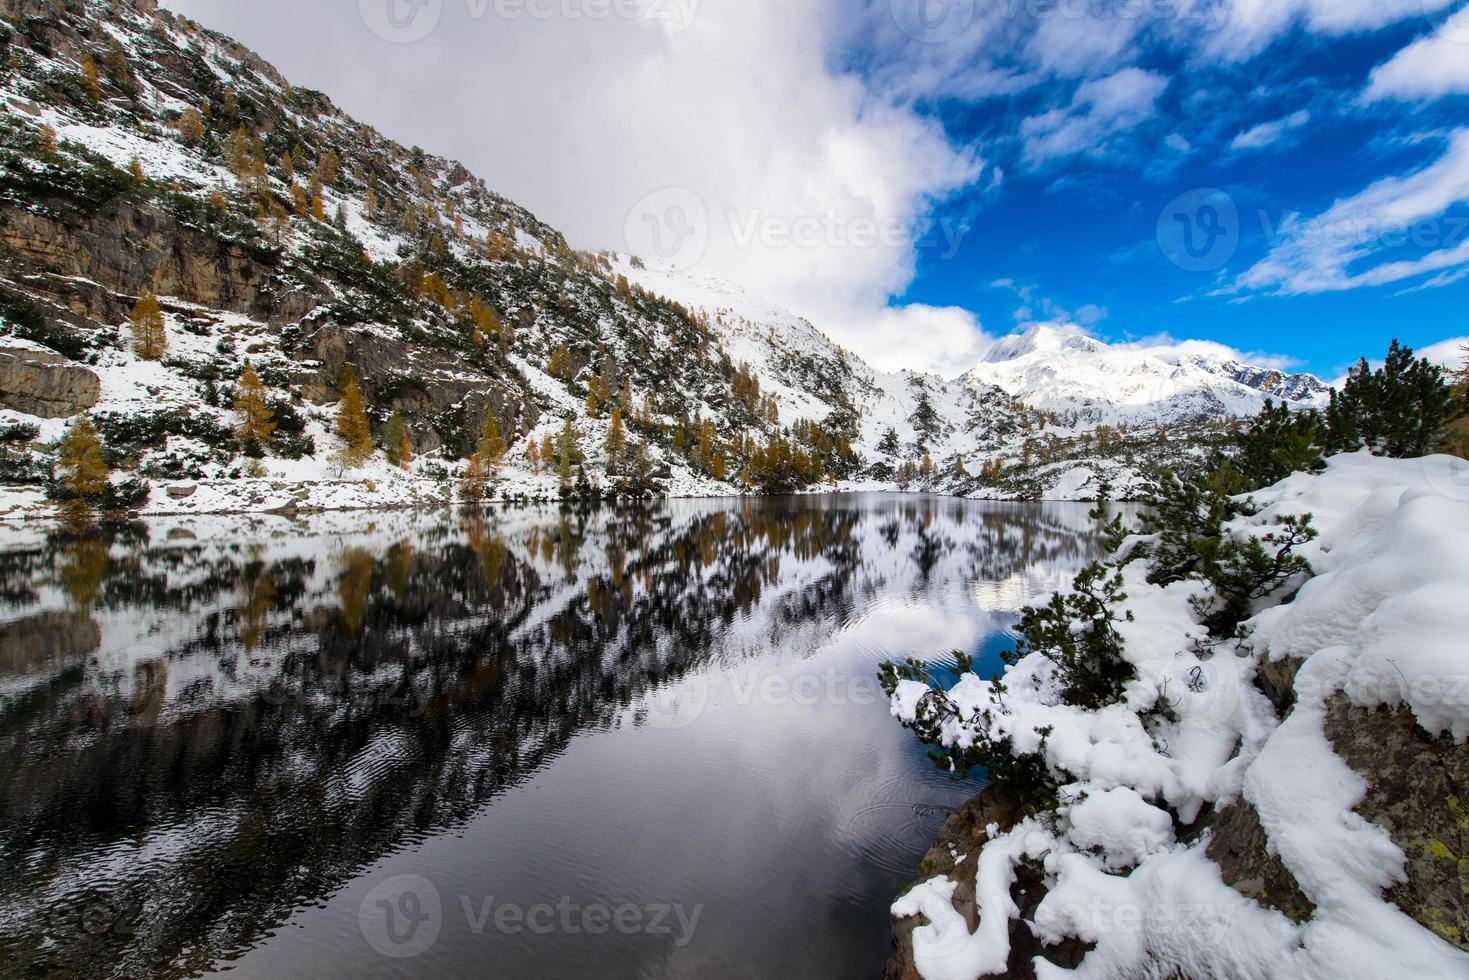 montañas y lago alpino con nieve caída foto